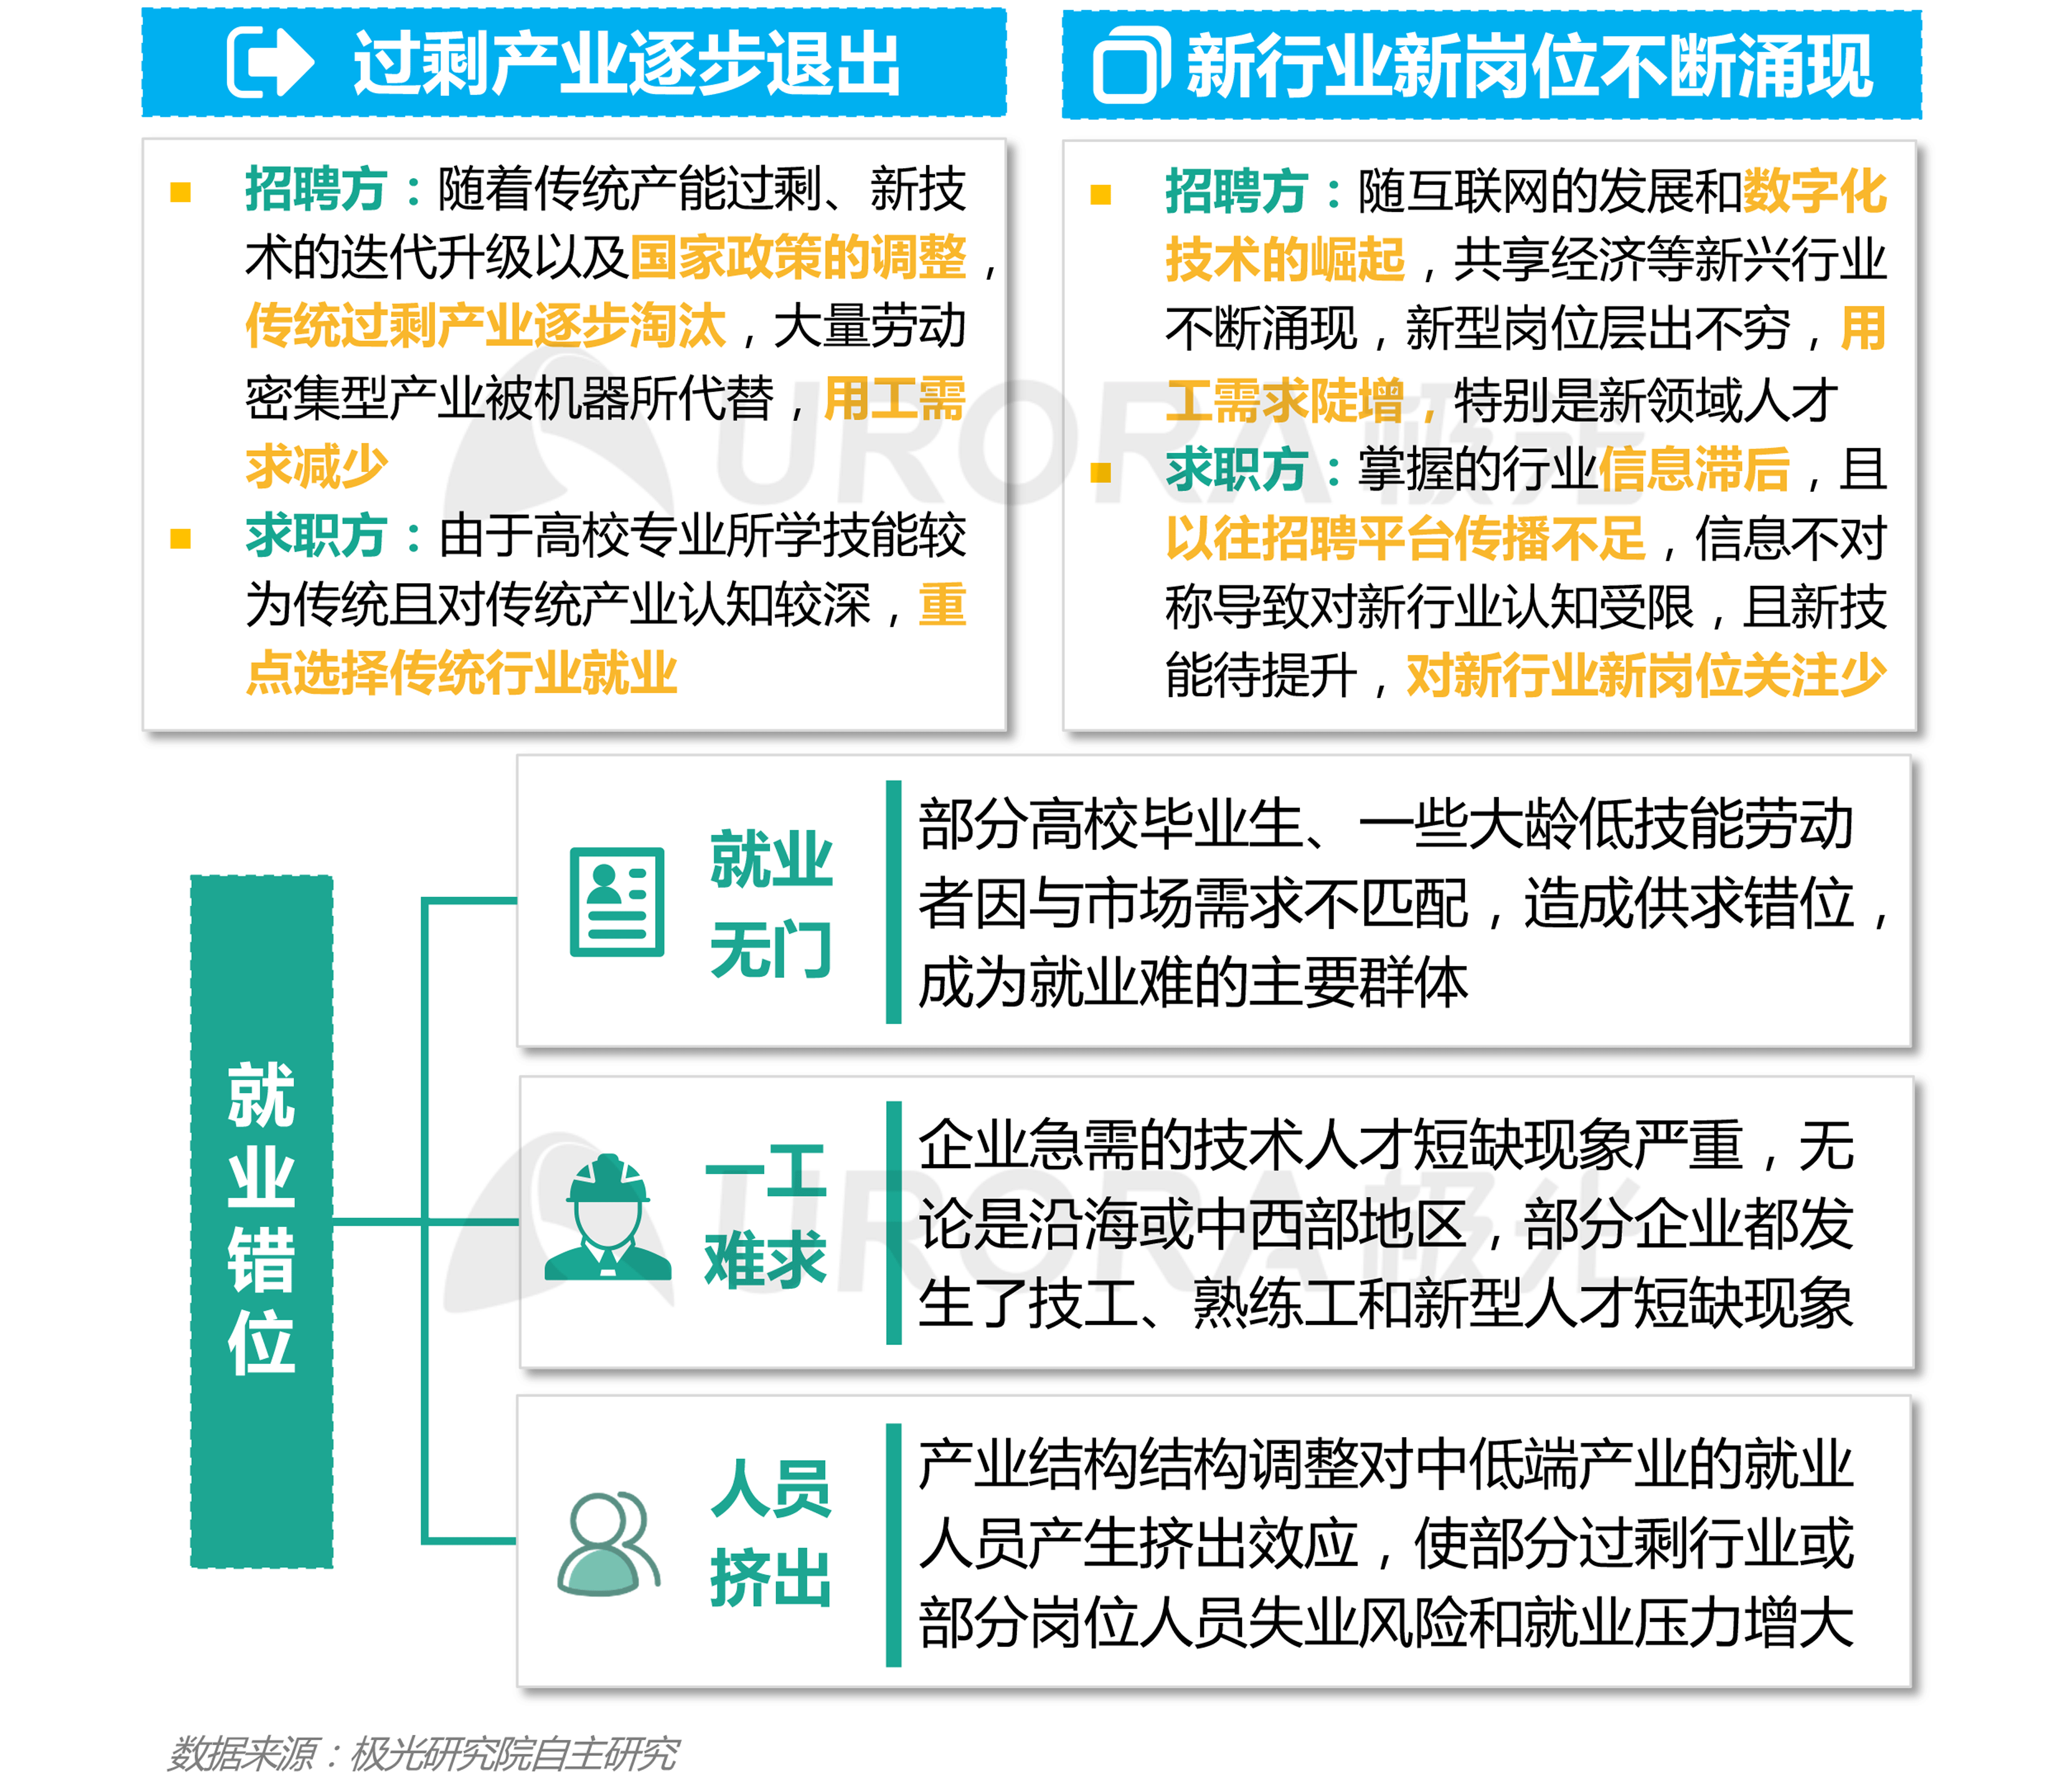 """极光:""""超职季""""招聘行业报告-招聘行业篇png (6).png"""